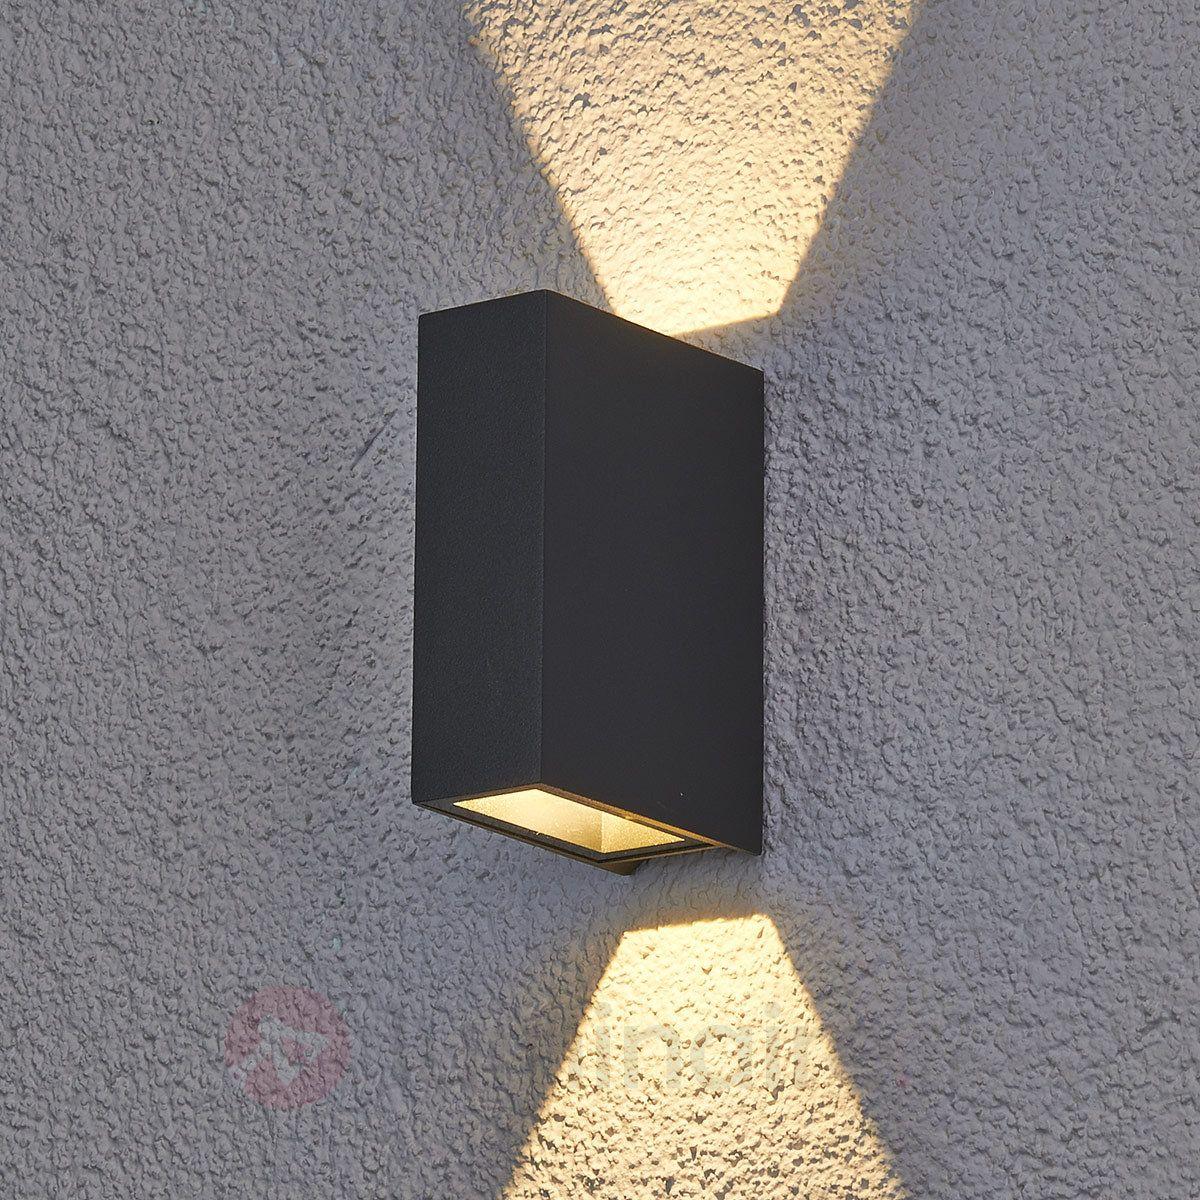 applique d'extérieur led maisie en aluminium | luminaires, luminaire